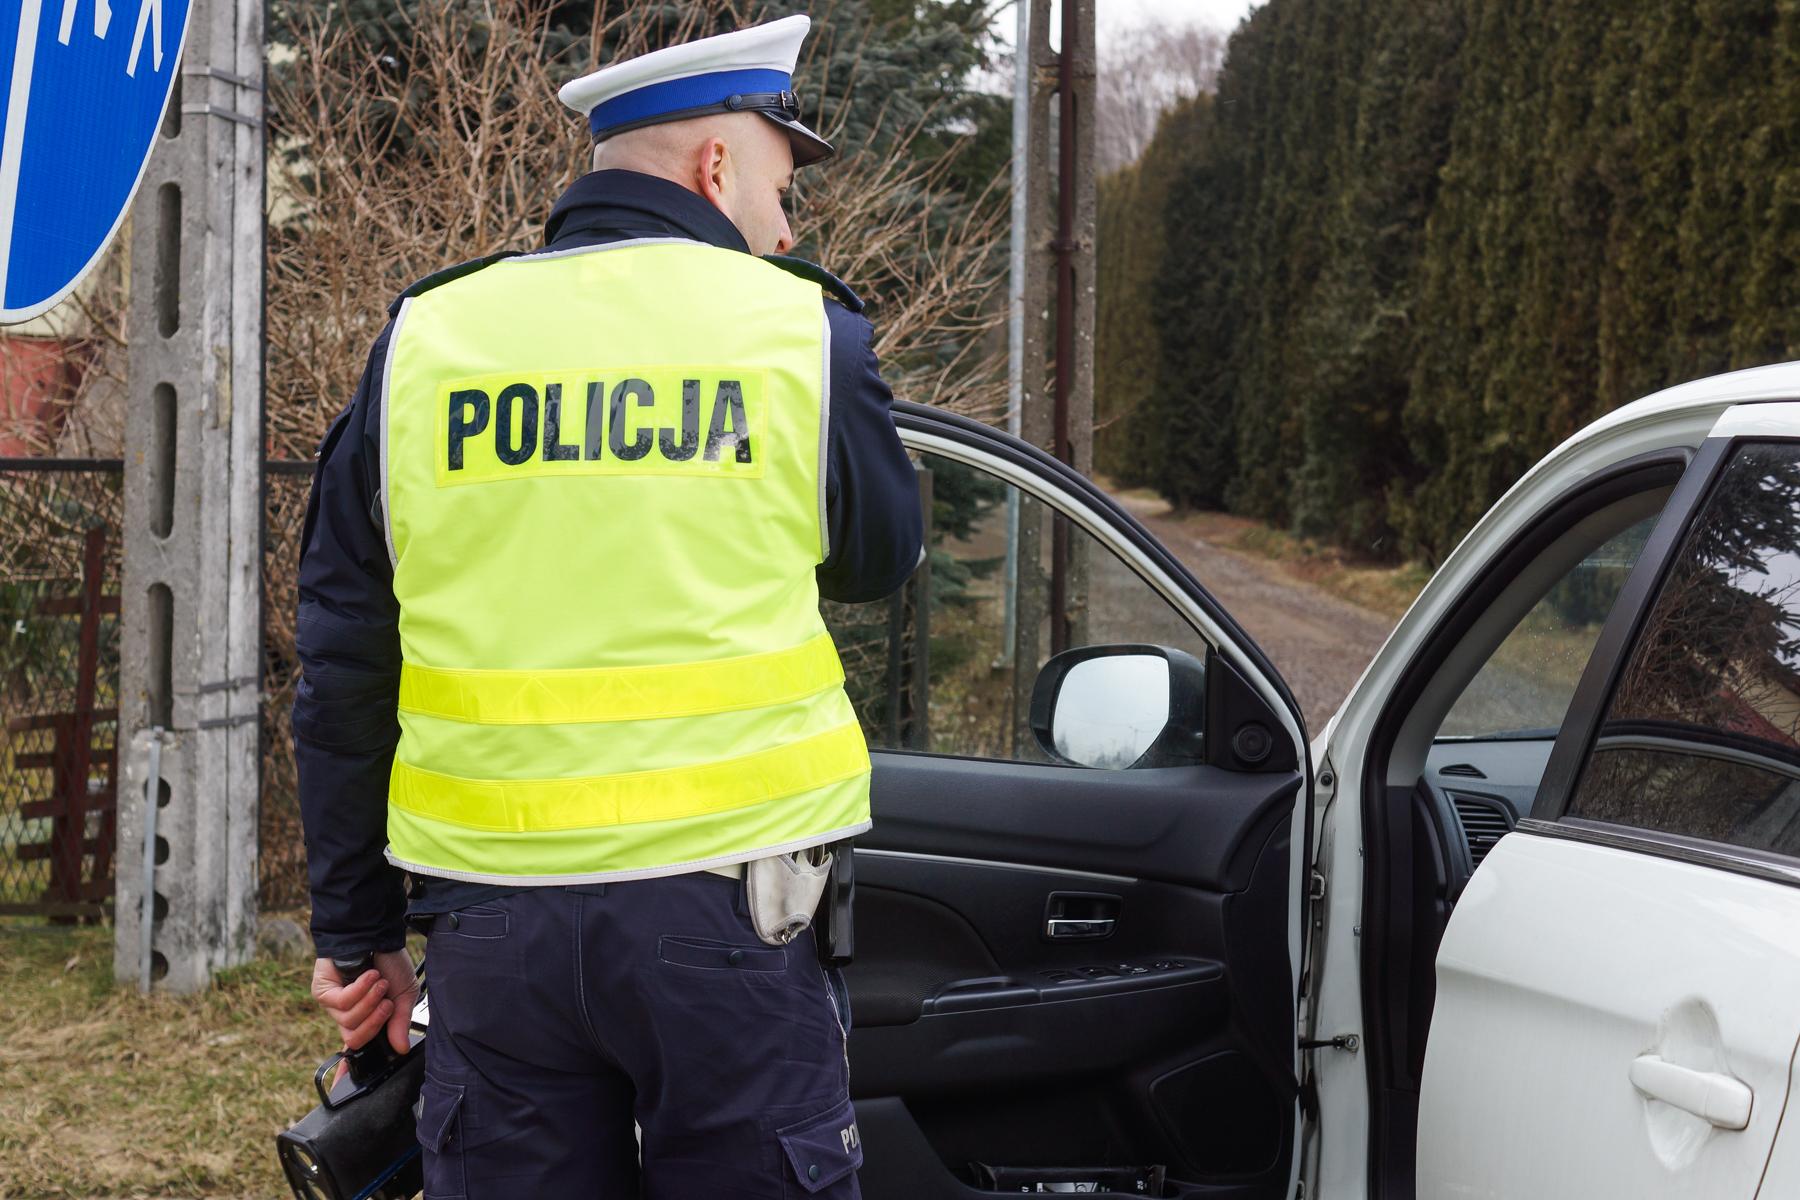 Wysiadł z auta na ulicy Kościuszki i ledwo stał na nogach. Kobieta wezwała policję - Zdjęcie główne